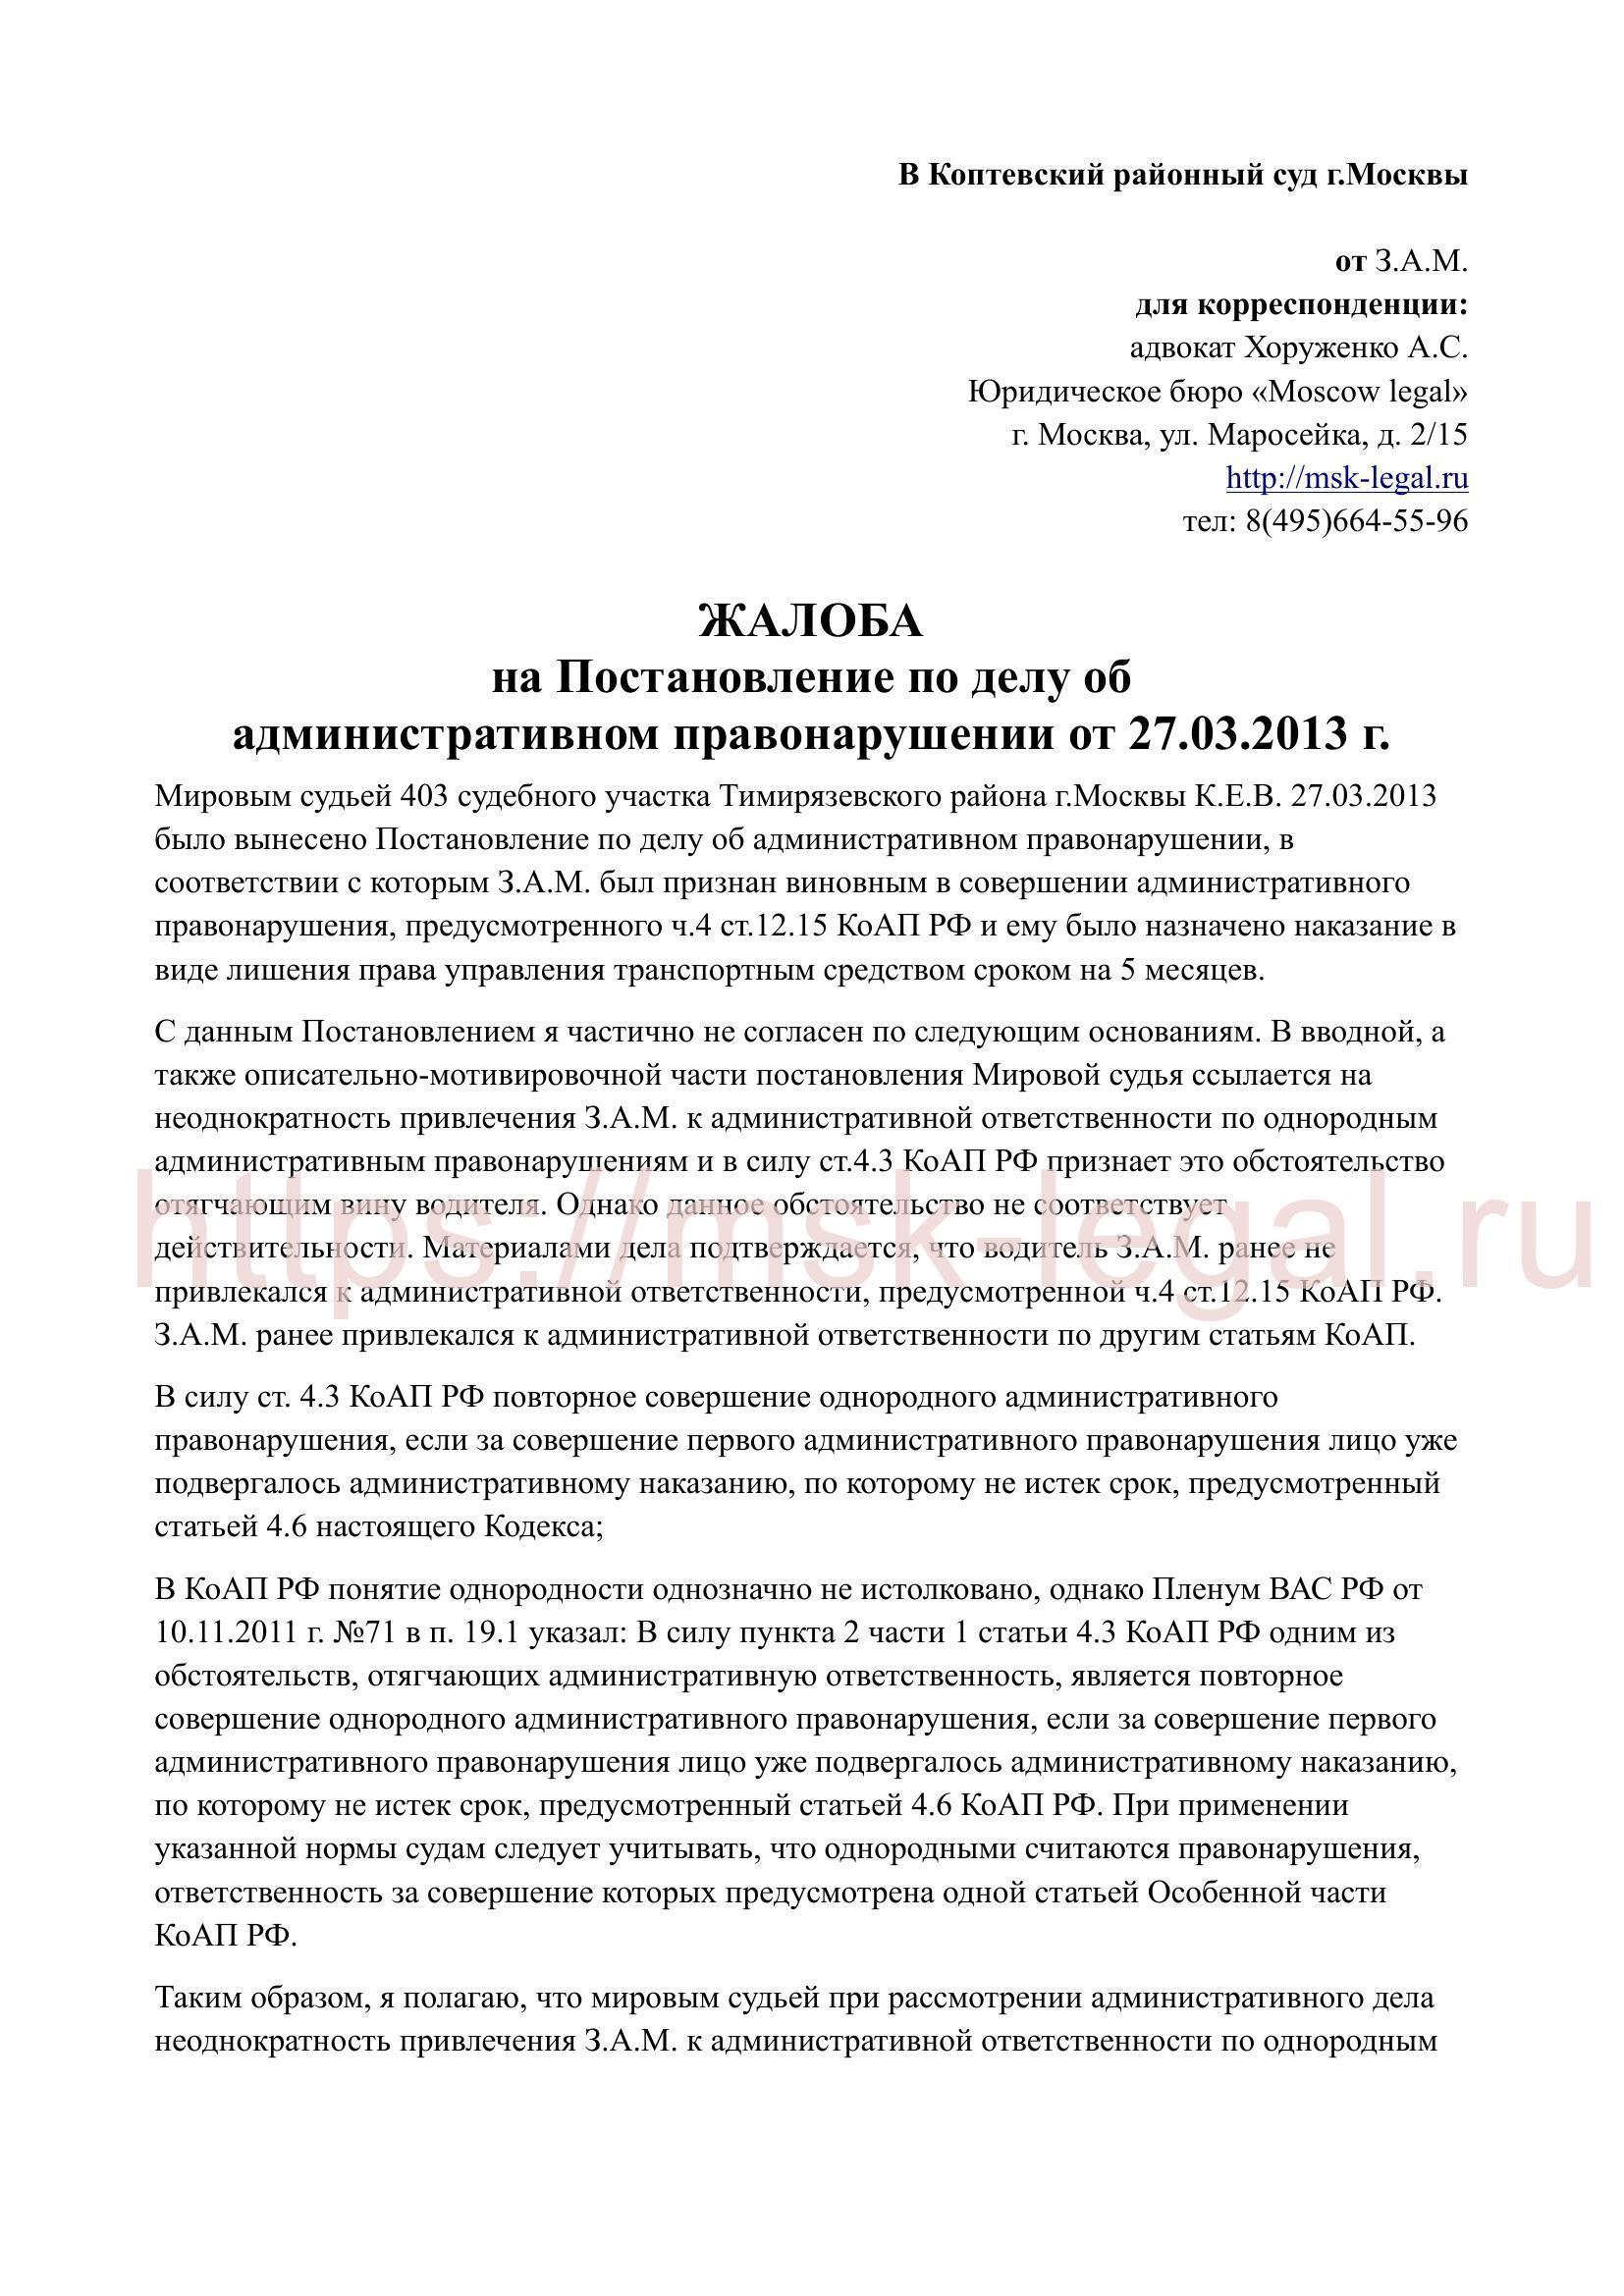 Жалоба на постановление Мирового судьи по ч.4 ст.12.15 КоАП РФ